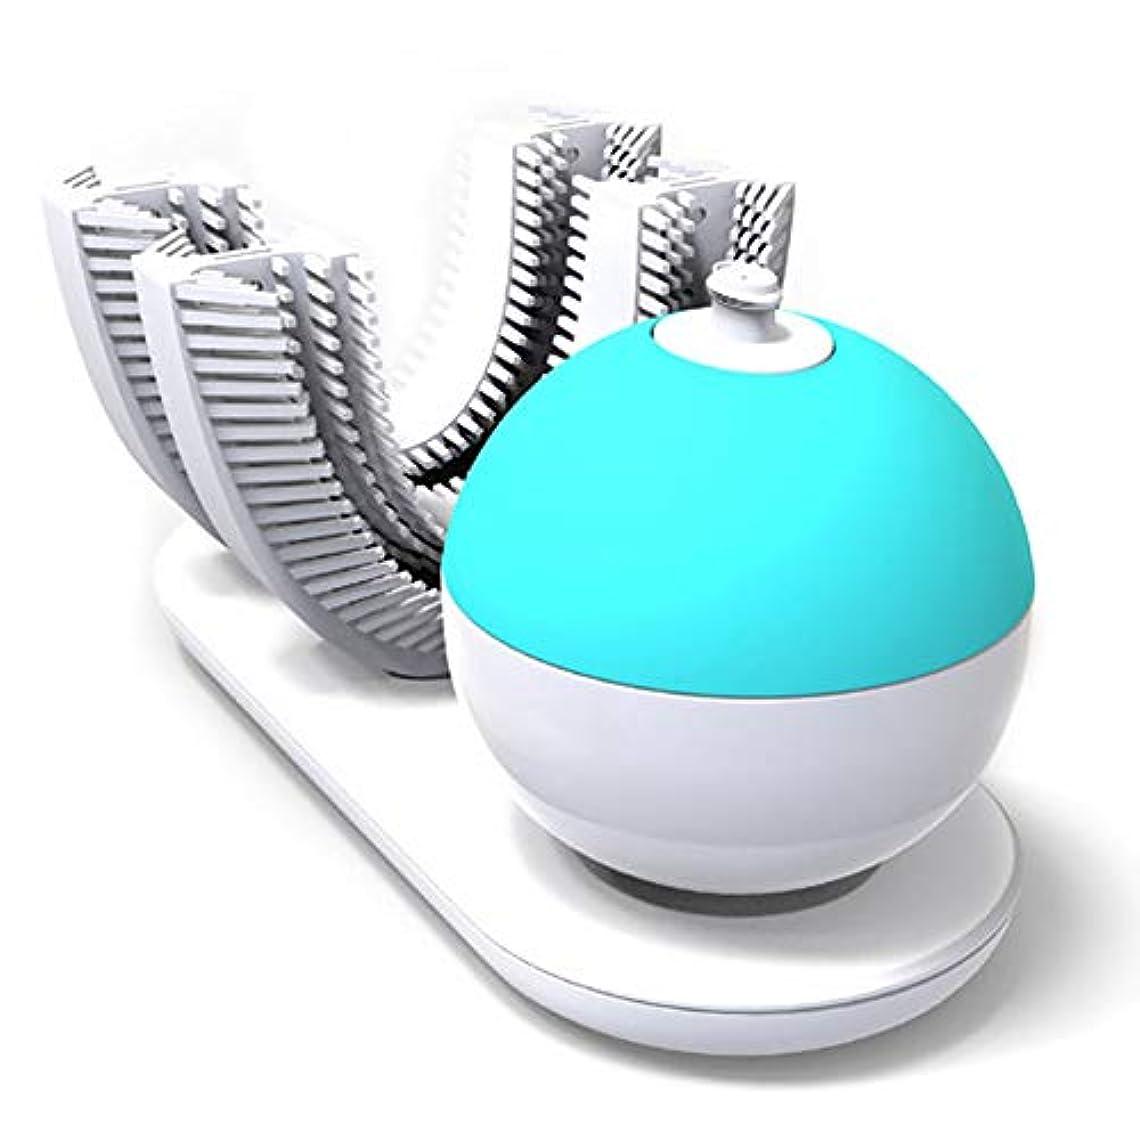 レタッチシリンダー同じフルオートマチック可変周波数電動歯ブラシ、自動360度U字型電動歯ブラシ、ワイヤレス充電IPX7防水自動歯ブラシ(大人用)